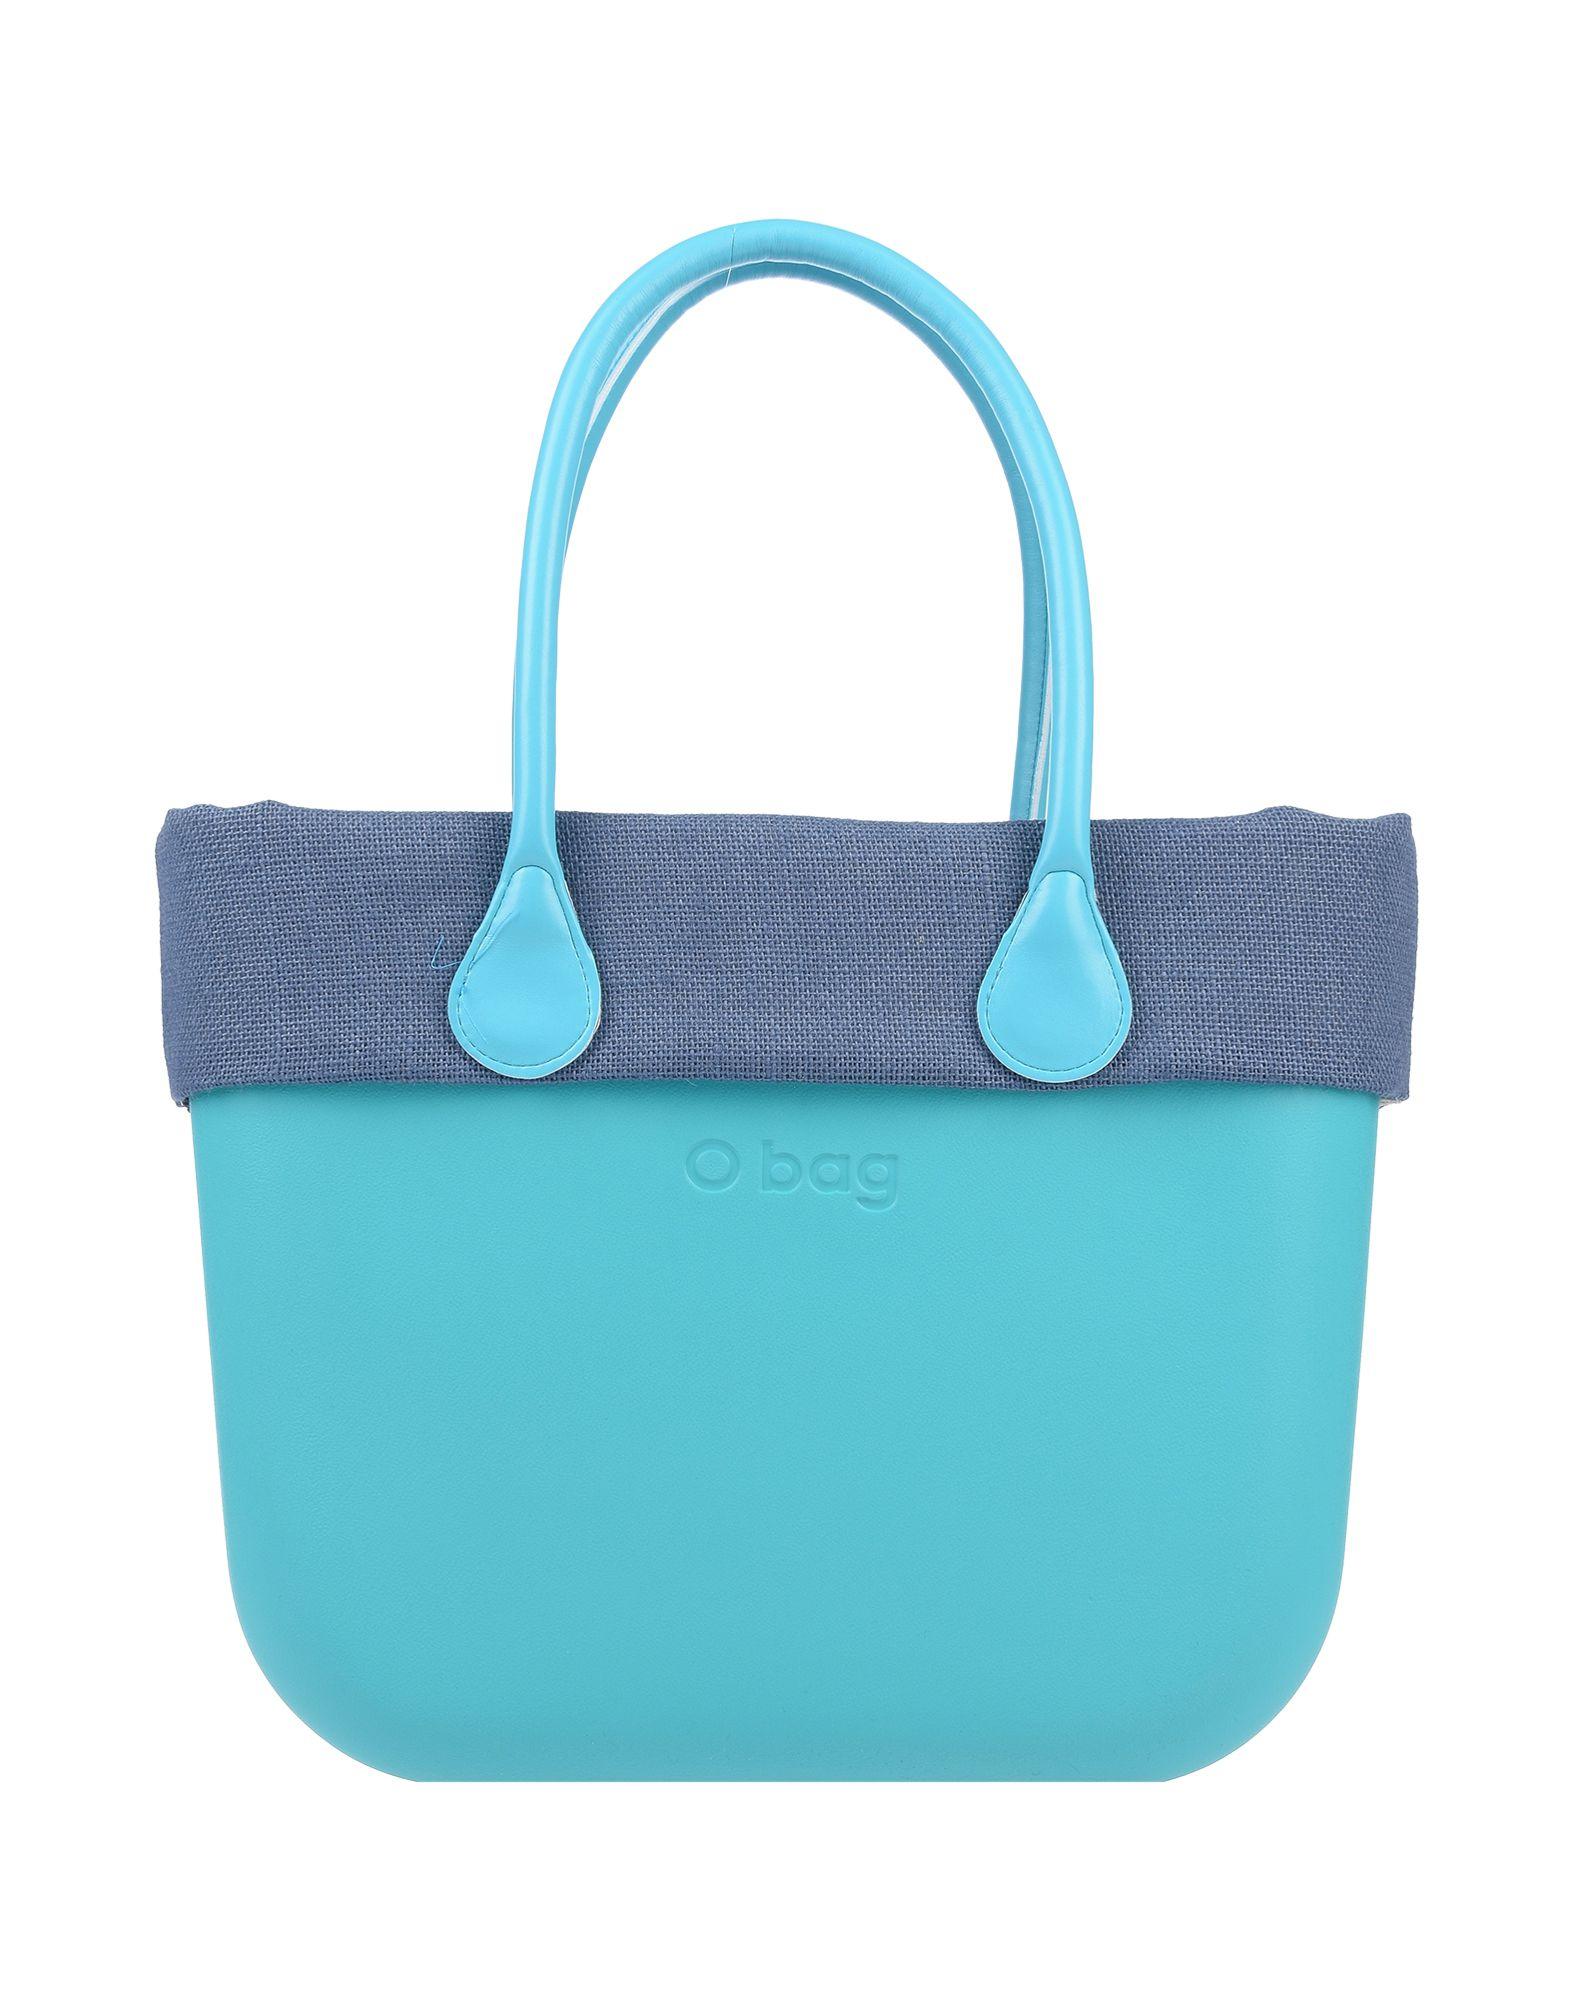 O BAG Сумка на руку сумка на талию hmf hmf bag